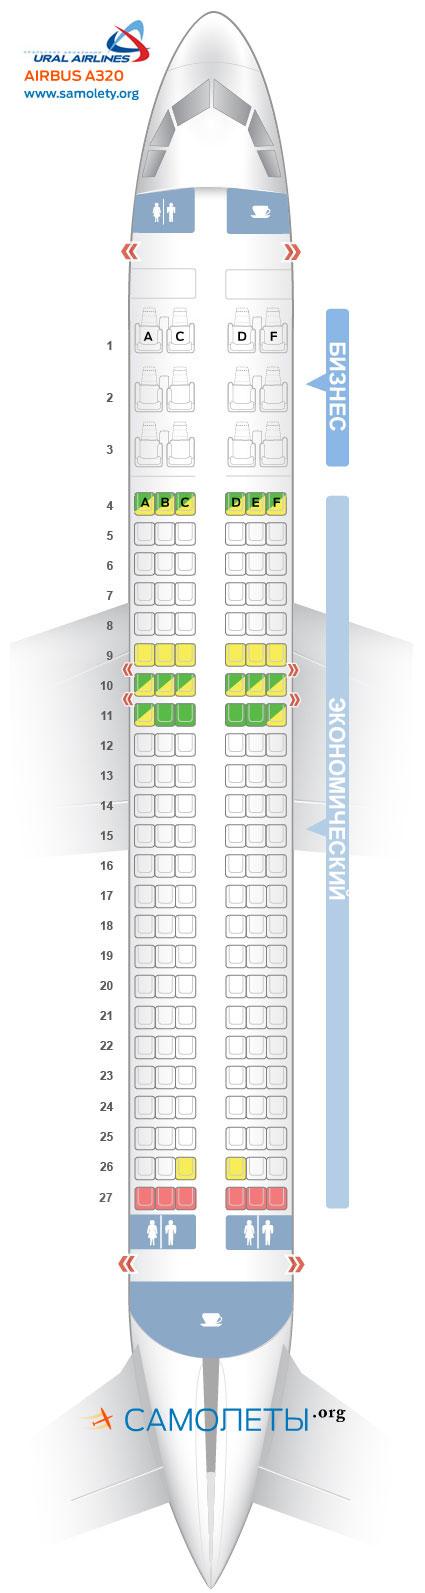 Уральские авиалинии airbus a320 схема салона лучшие места